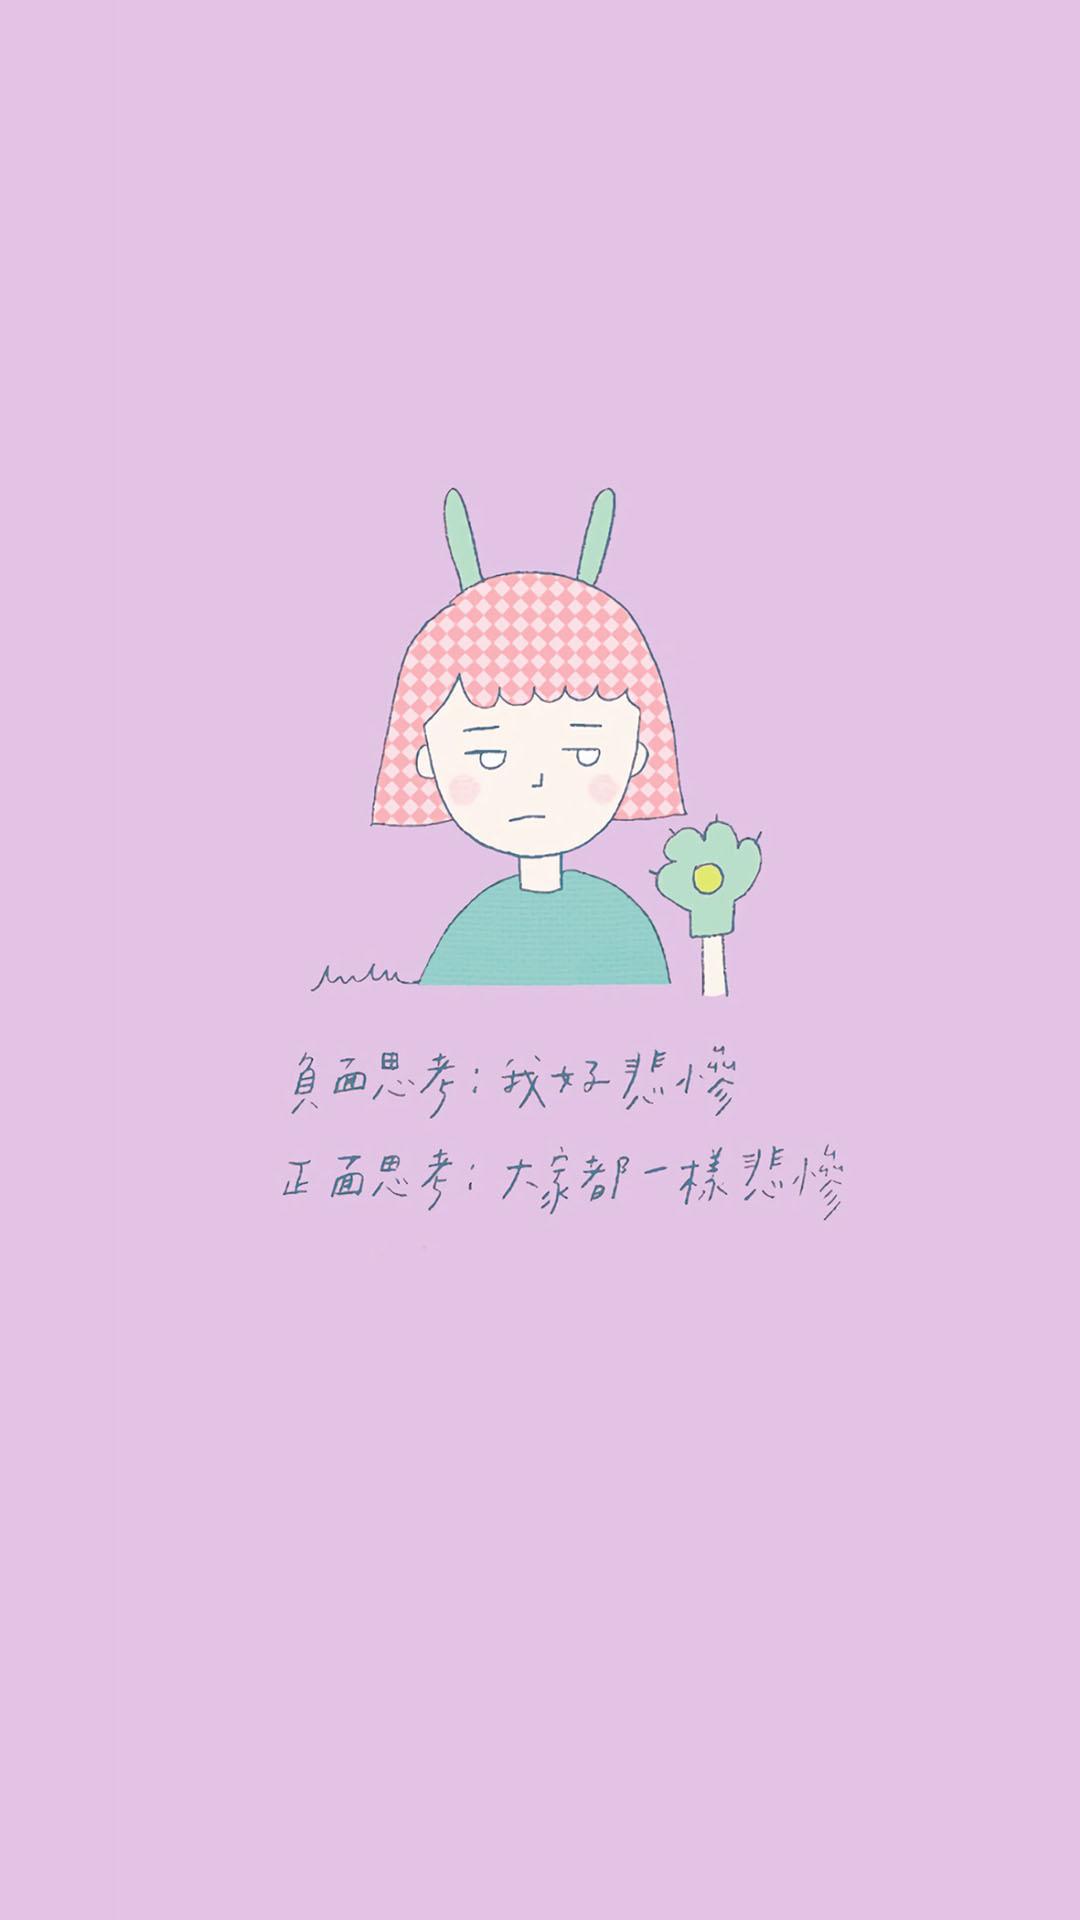 可爱卡通少女文字高清手机壁纸,分辨率1080x1920